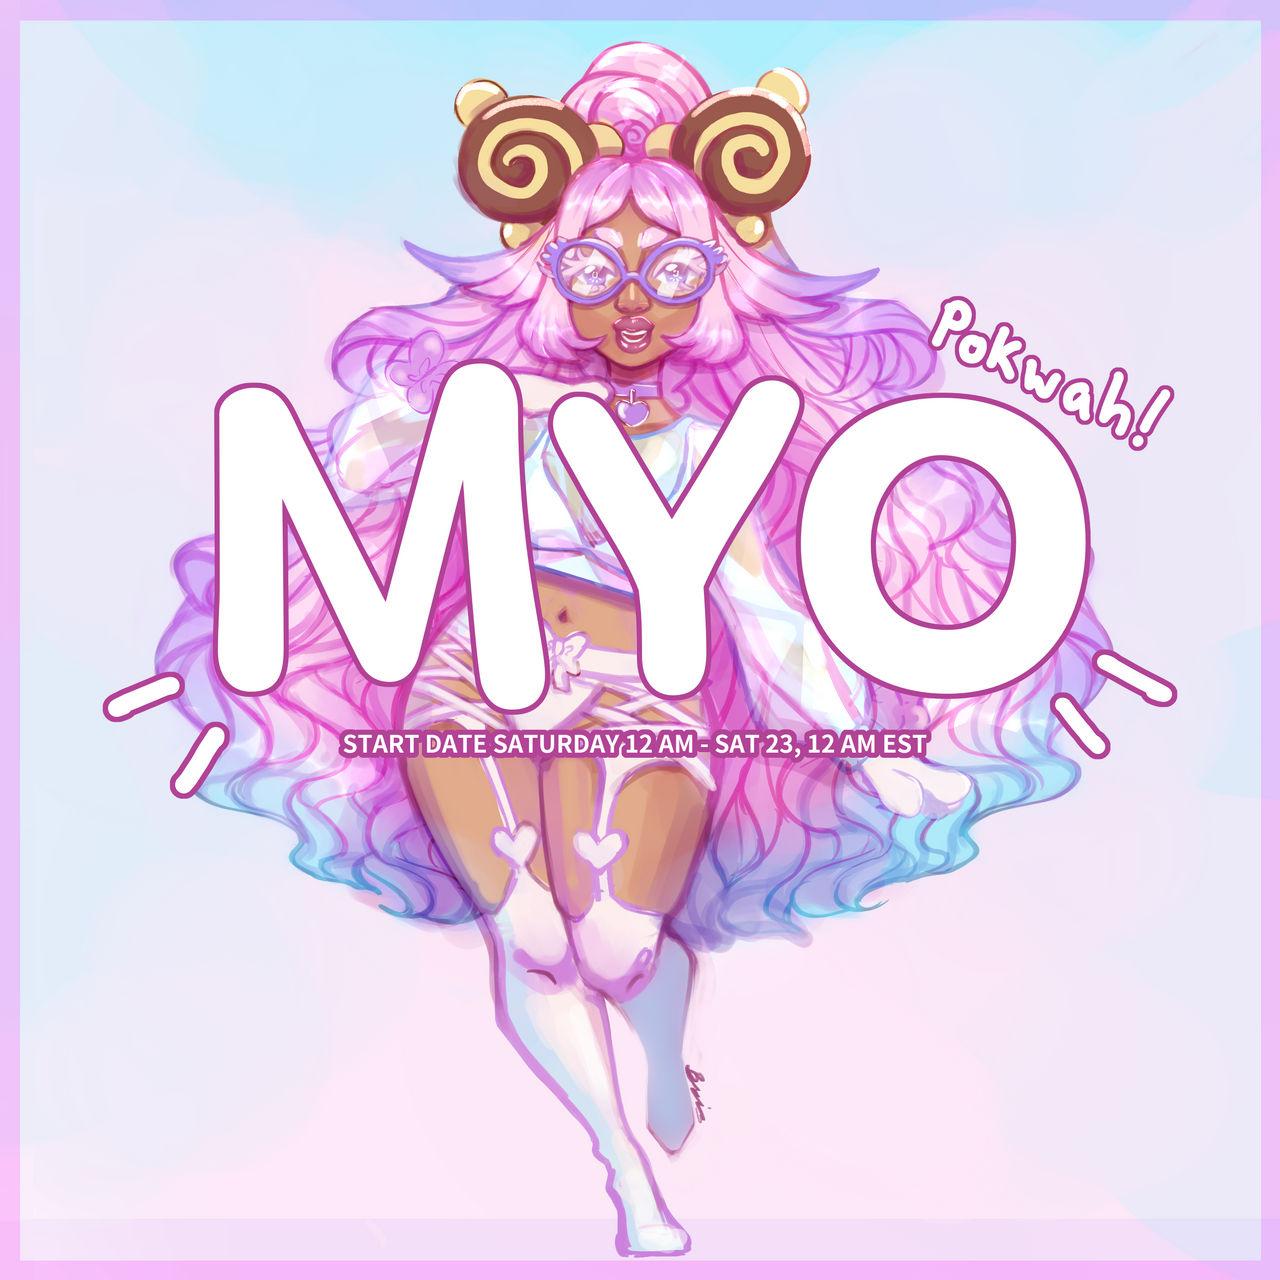 _myo_event__kopiimochi_species__by_kopii